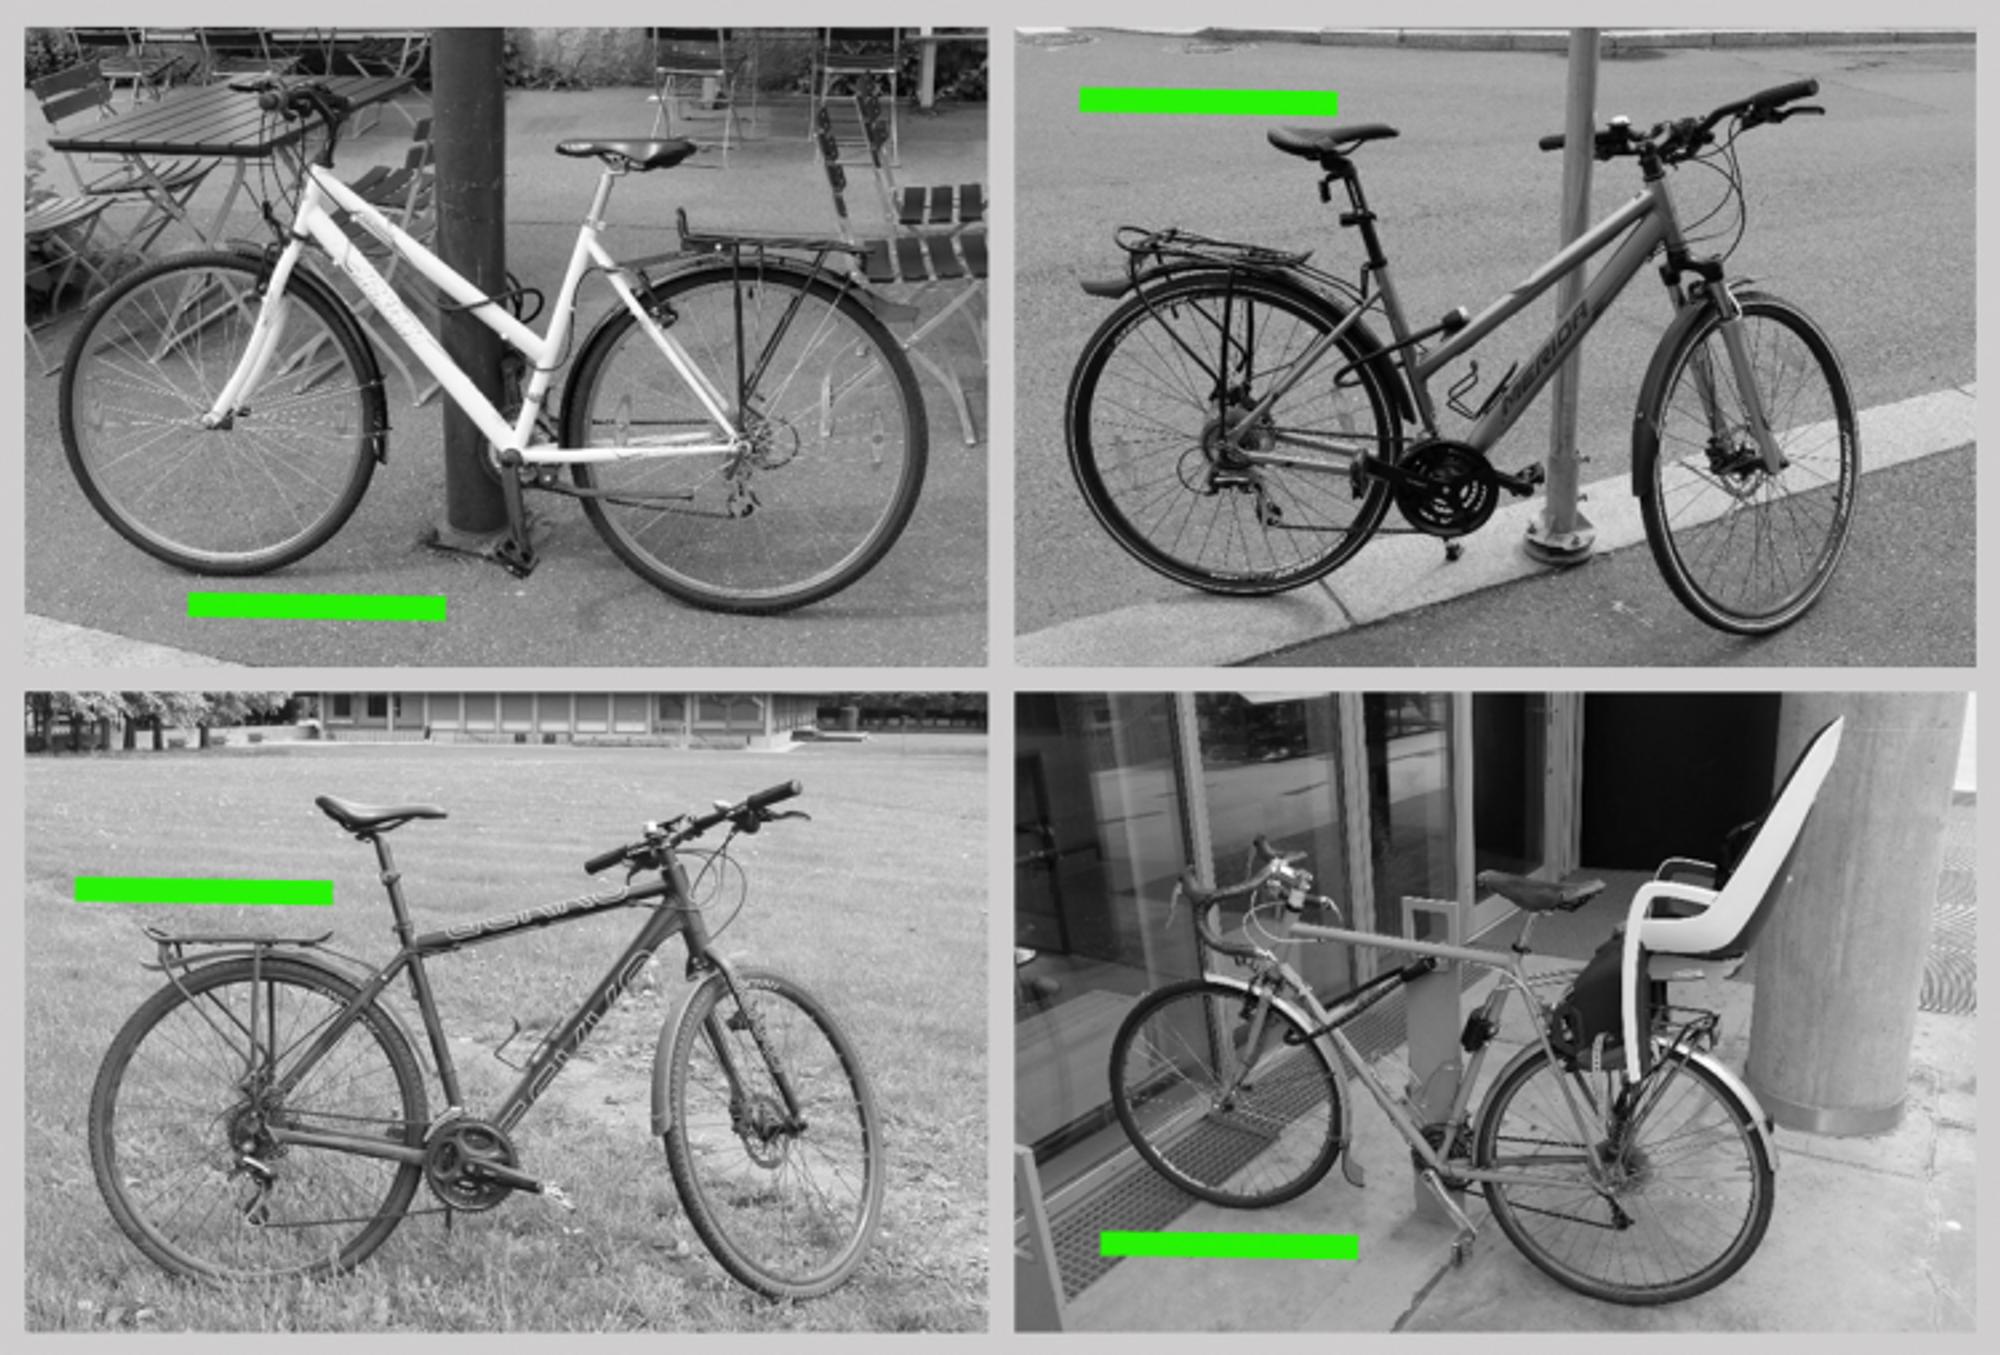 Ved hjelp av disse bildene skal du lære ordet «sykkel» på et fremmed språk. Men hva om du tror ordet betyr «grønn strek»?